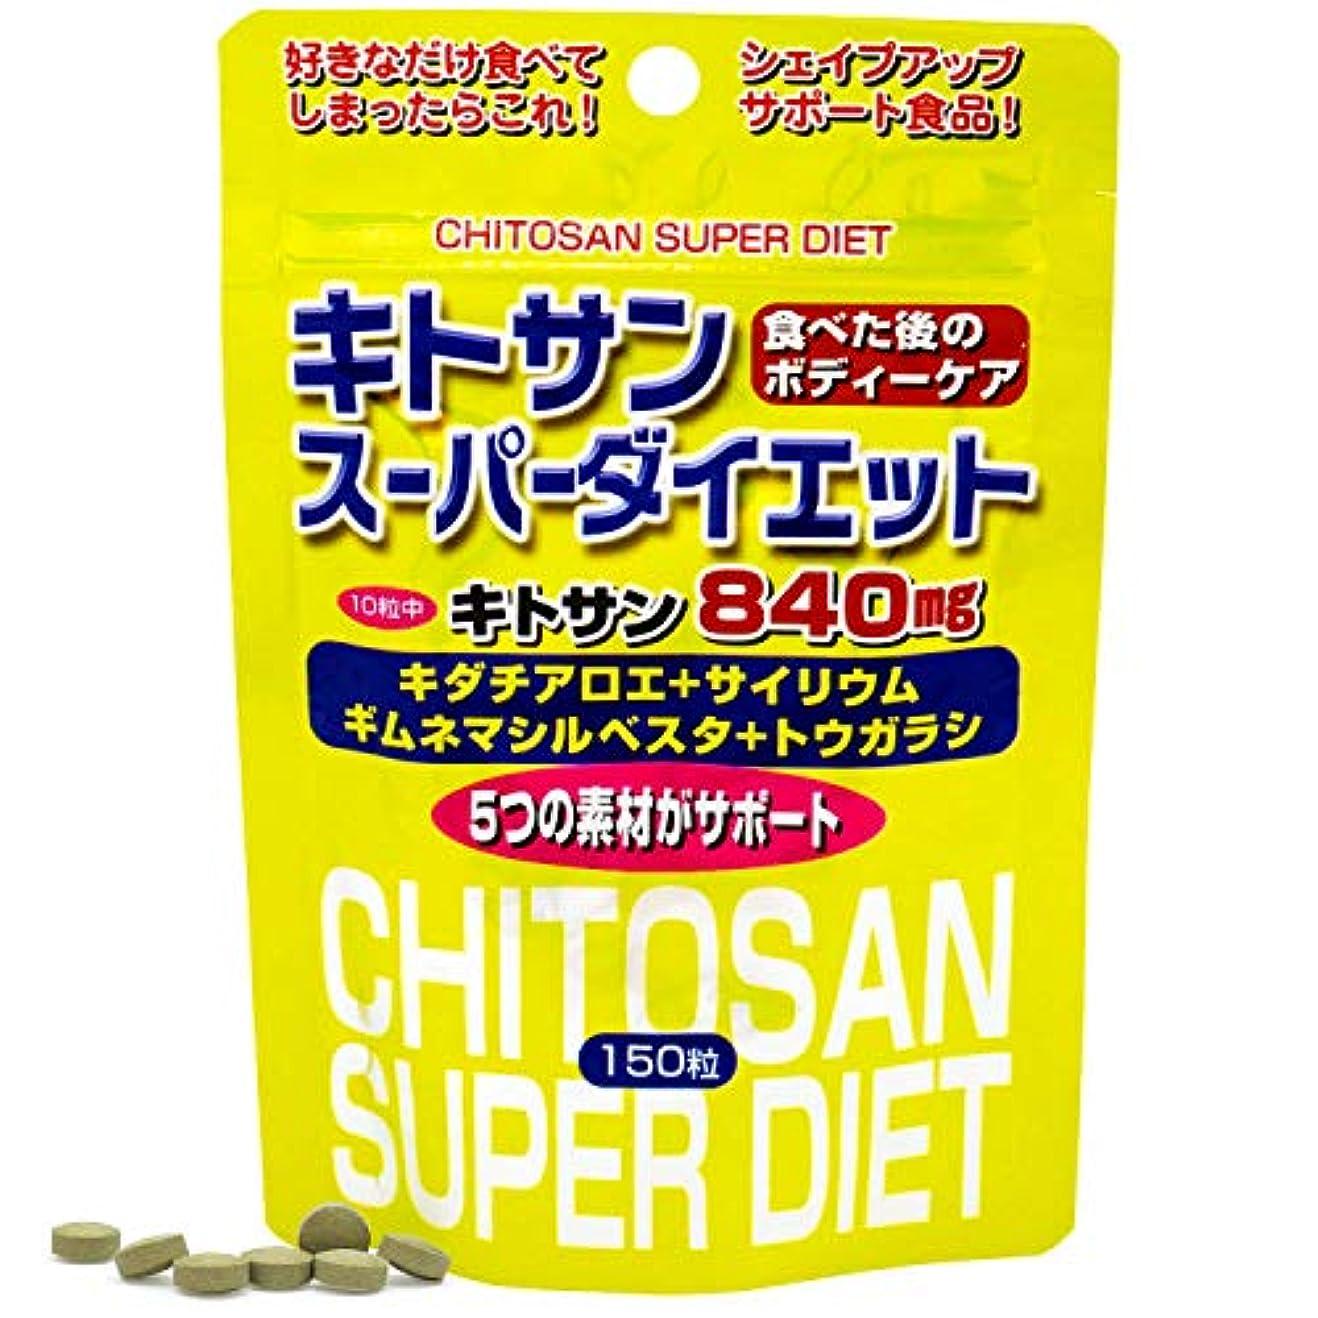 スタンド平行エンドウユウキ製薬 スタンドパック キトサンスーパーダイエット 15-21日分 150粒